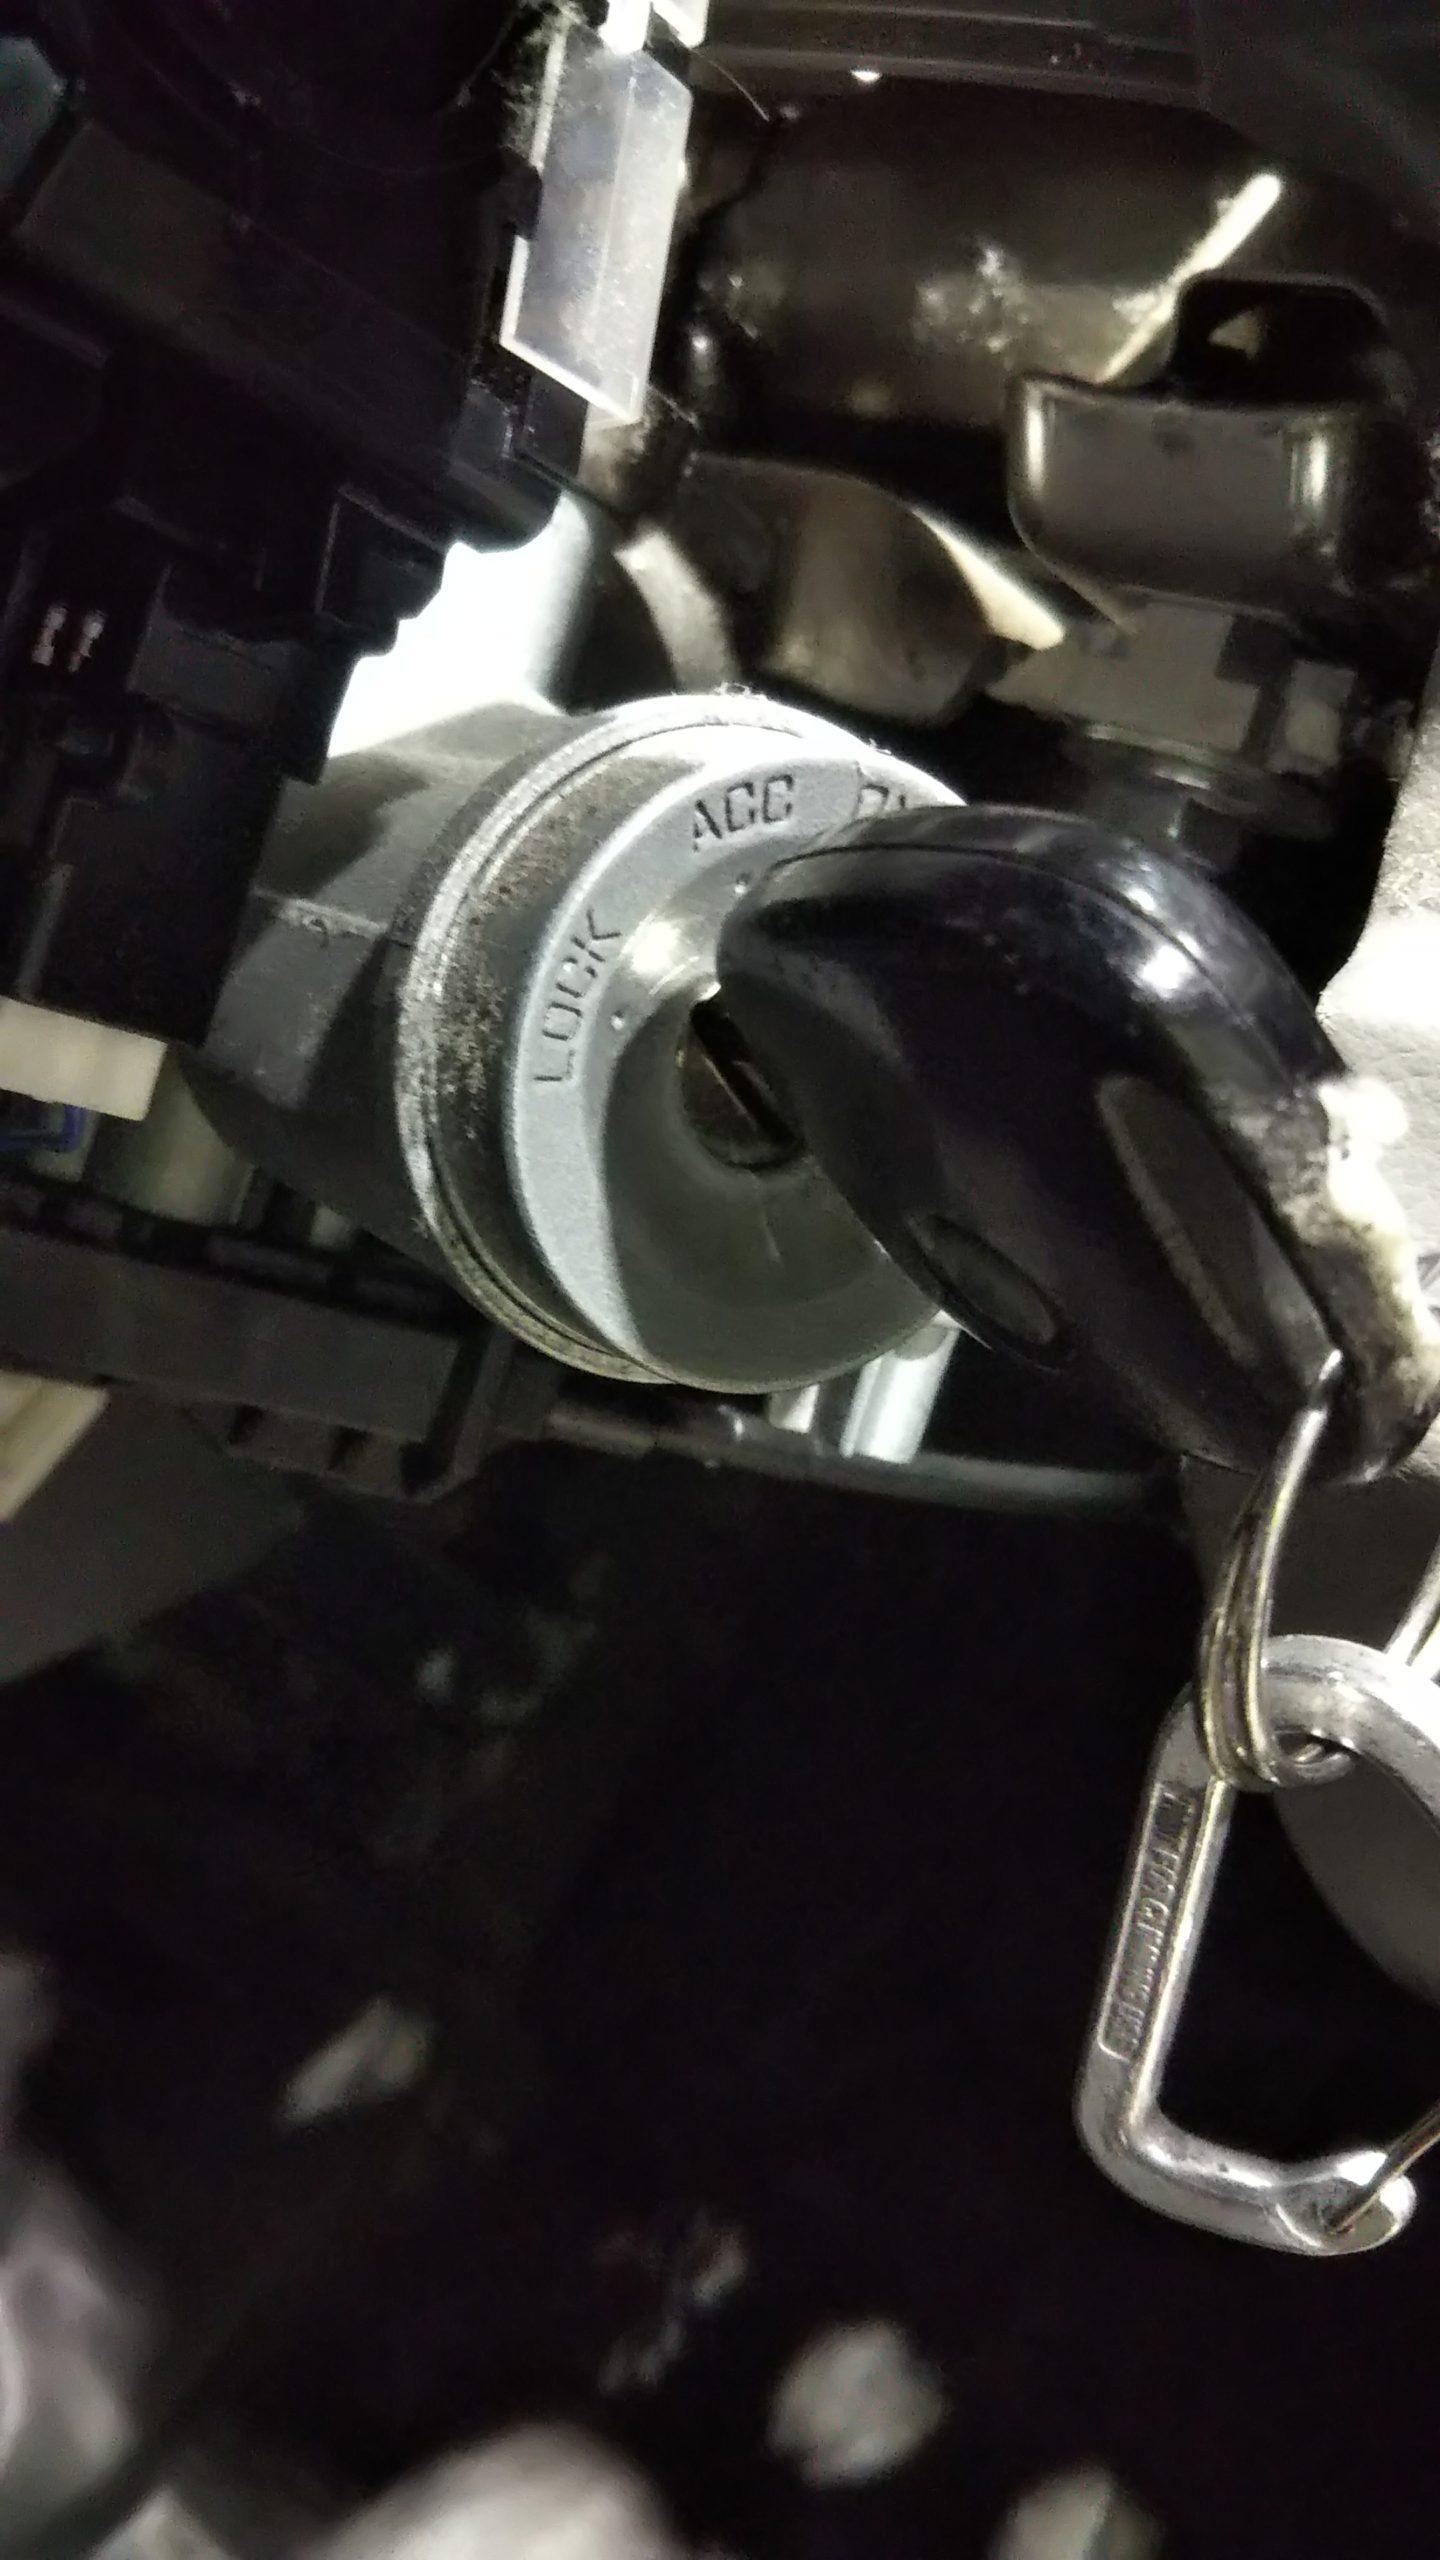 キーシリンダーから鍵が抜けなくなってしまったらどうすればいいか